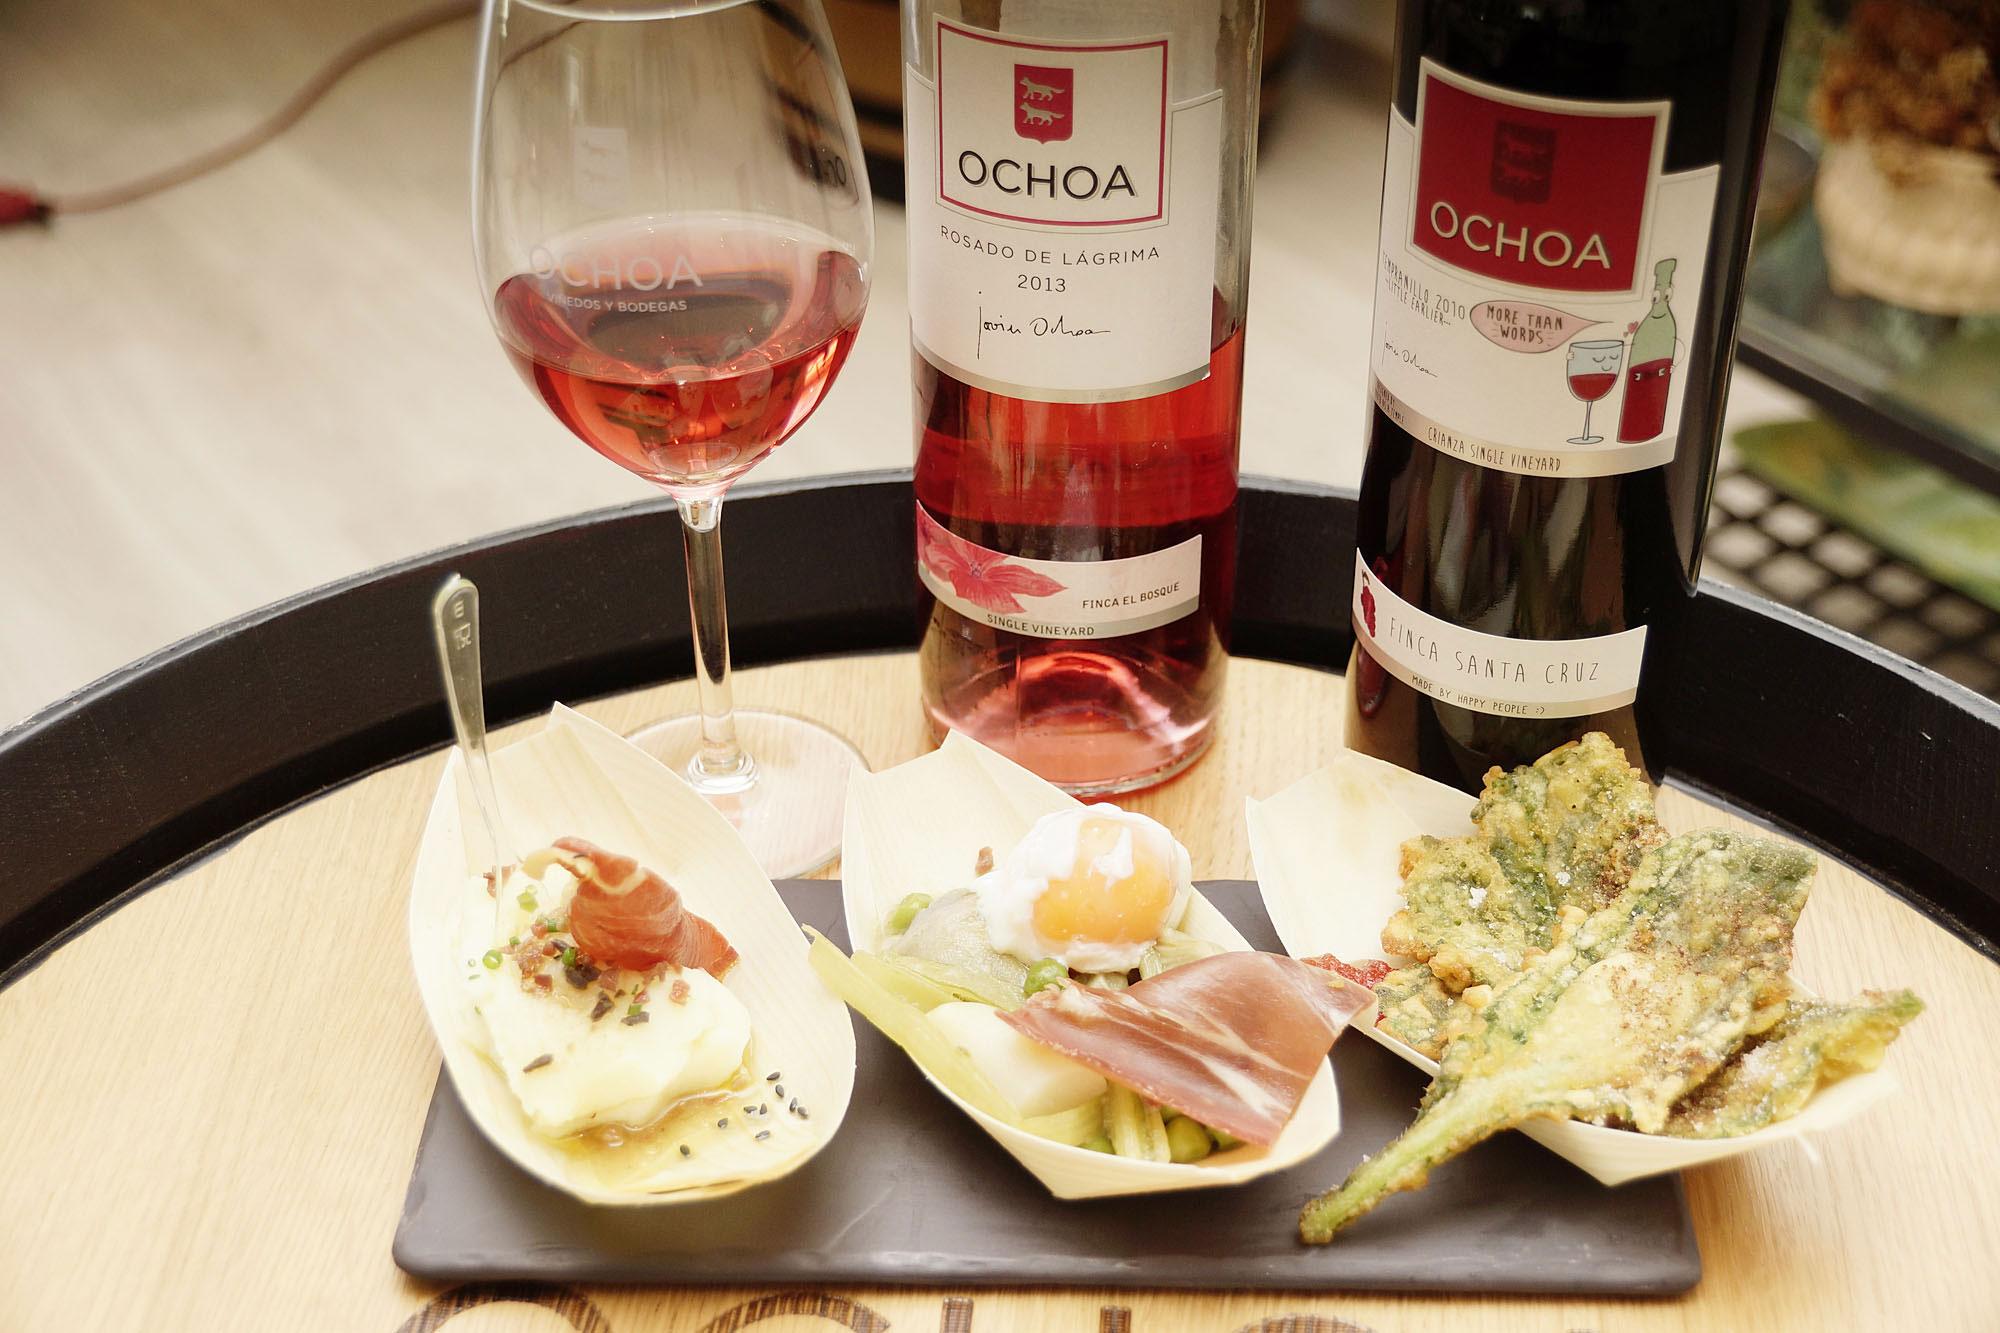 Cata de vinos Ochoa